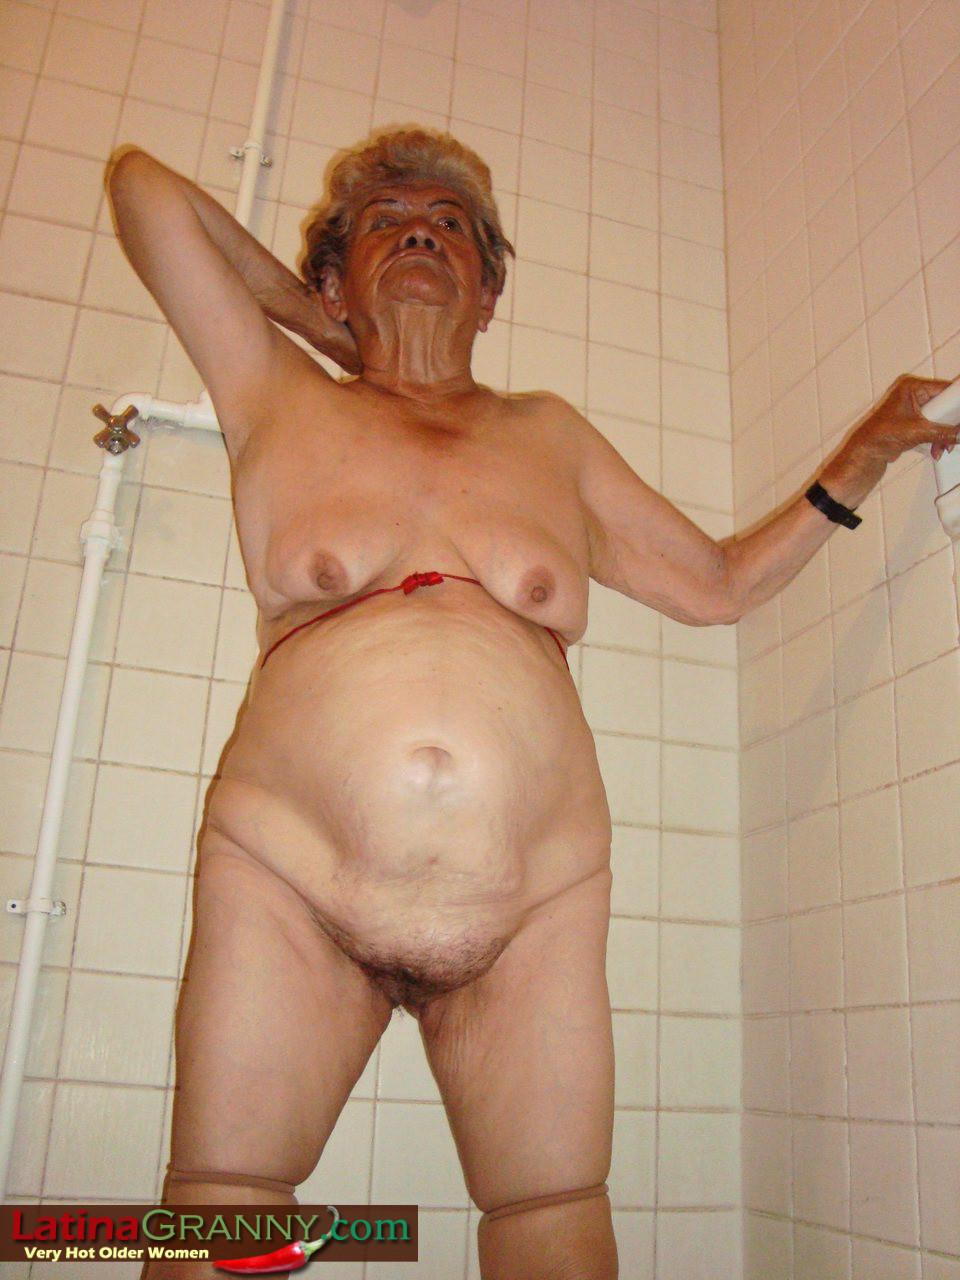 Пожилая Омма Пасс позирует обнаженной в душе